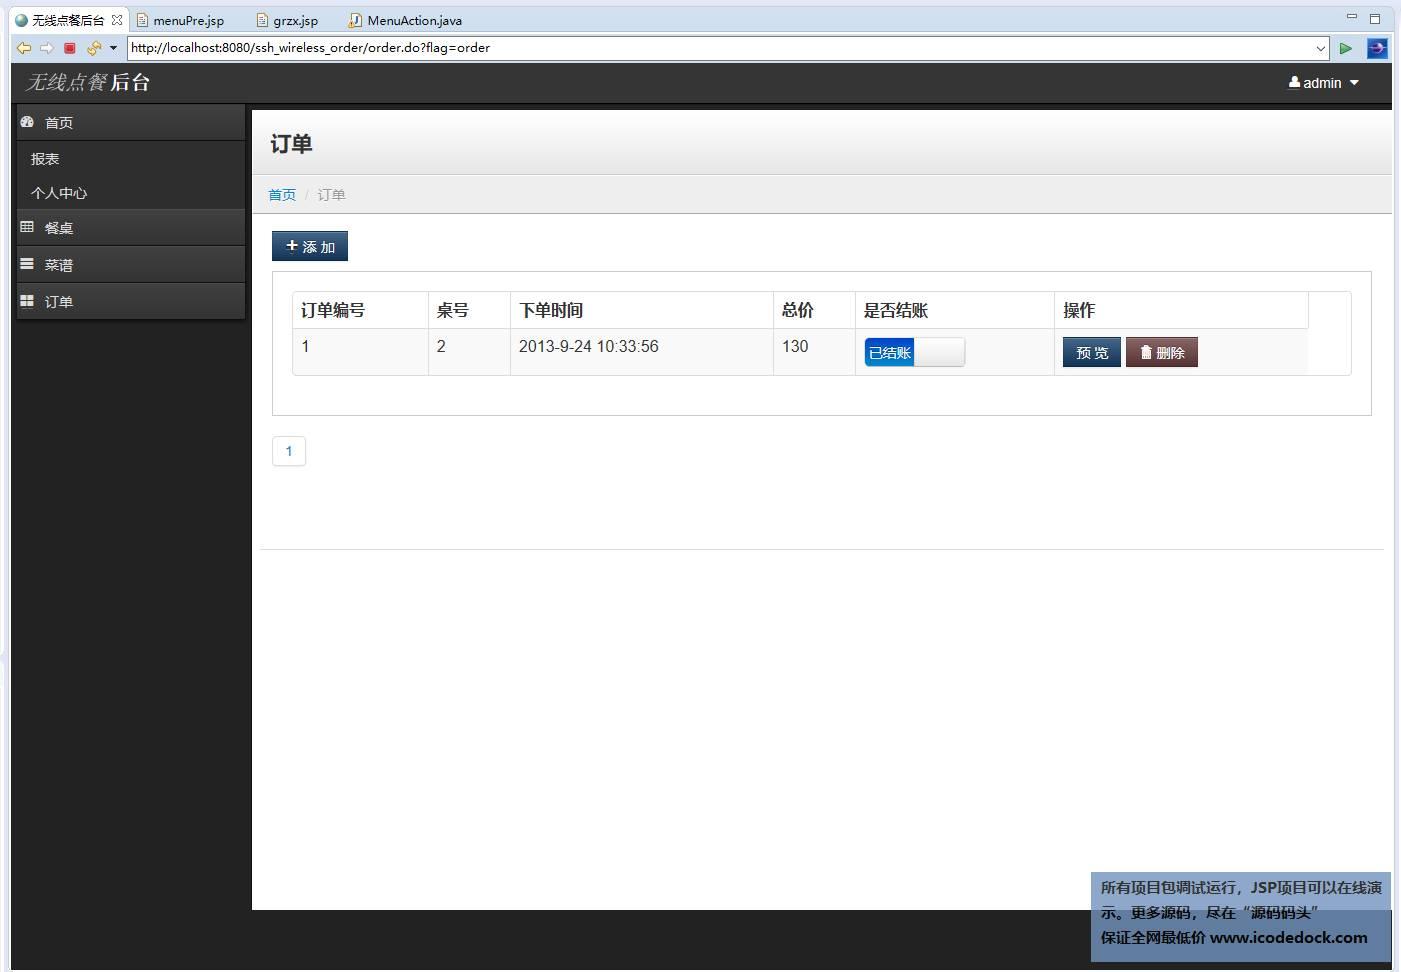 源码码头-SSH餐厅点餐管理系统-管理员角色-订单管理